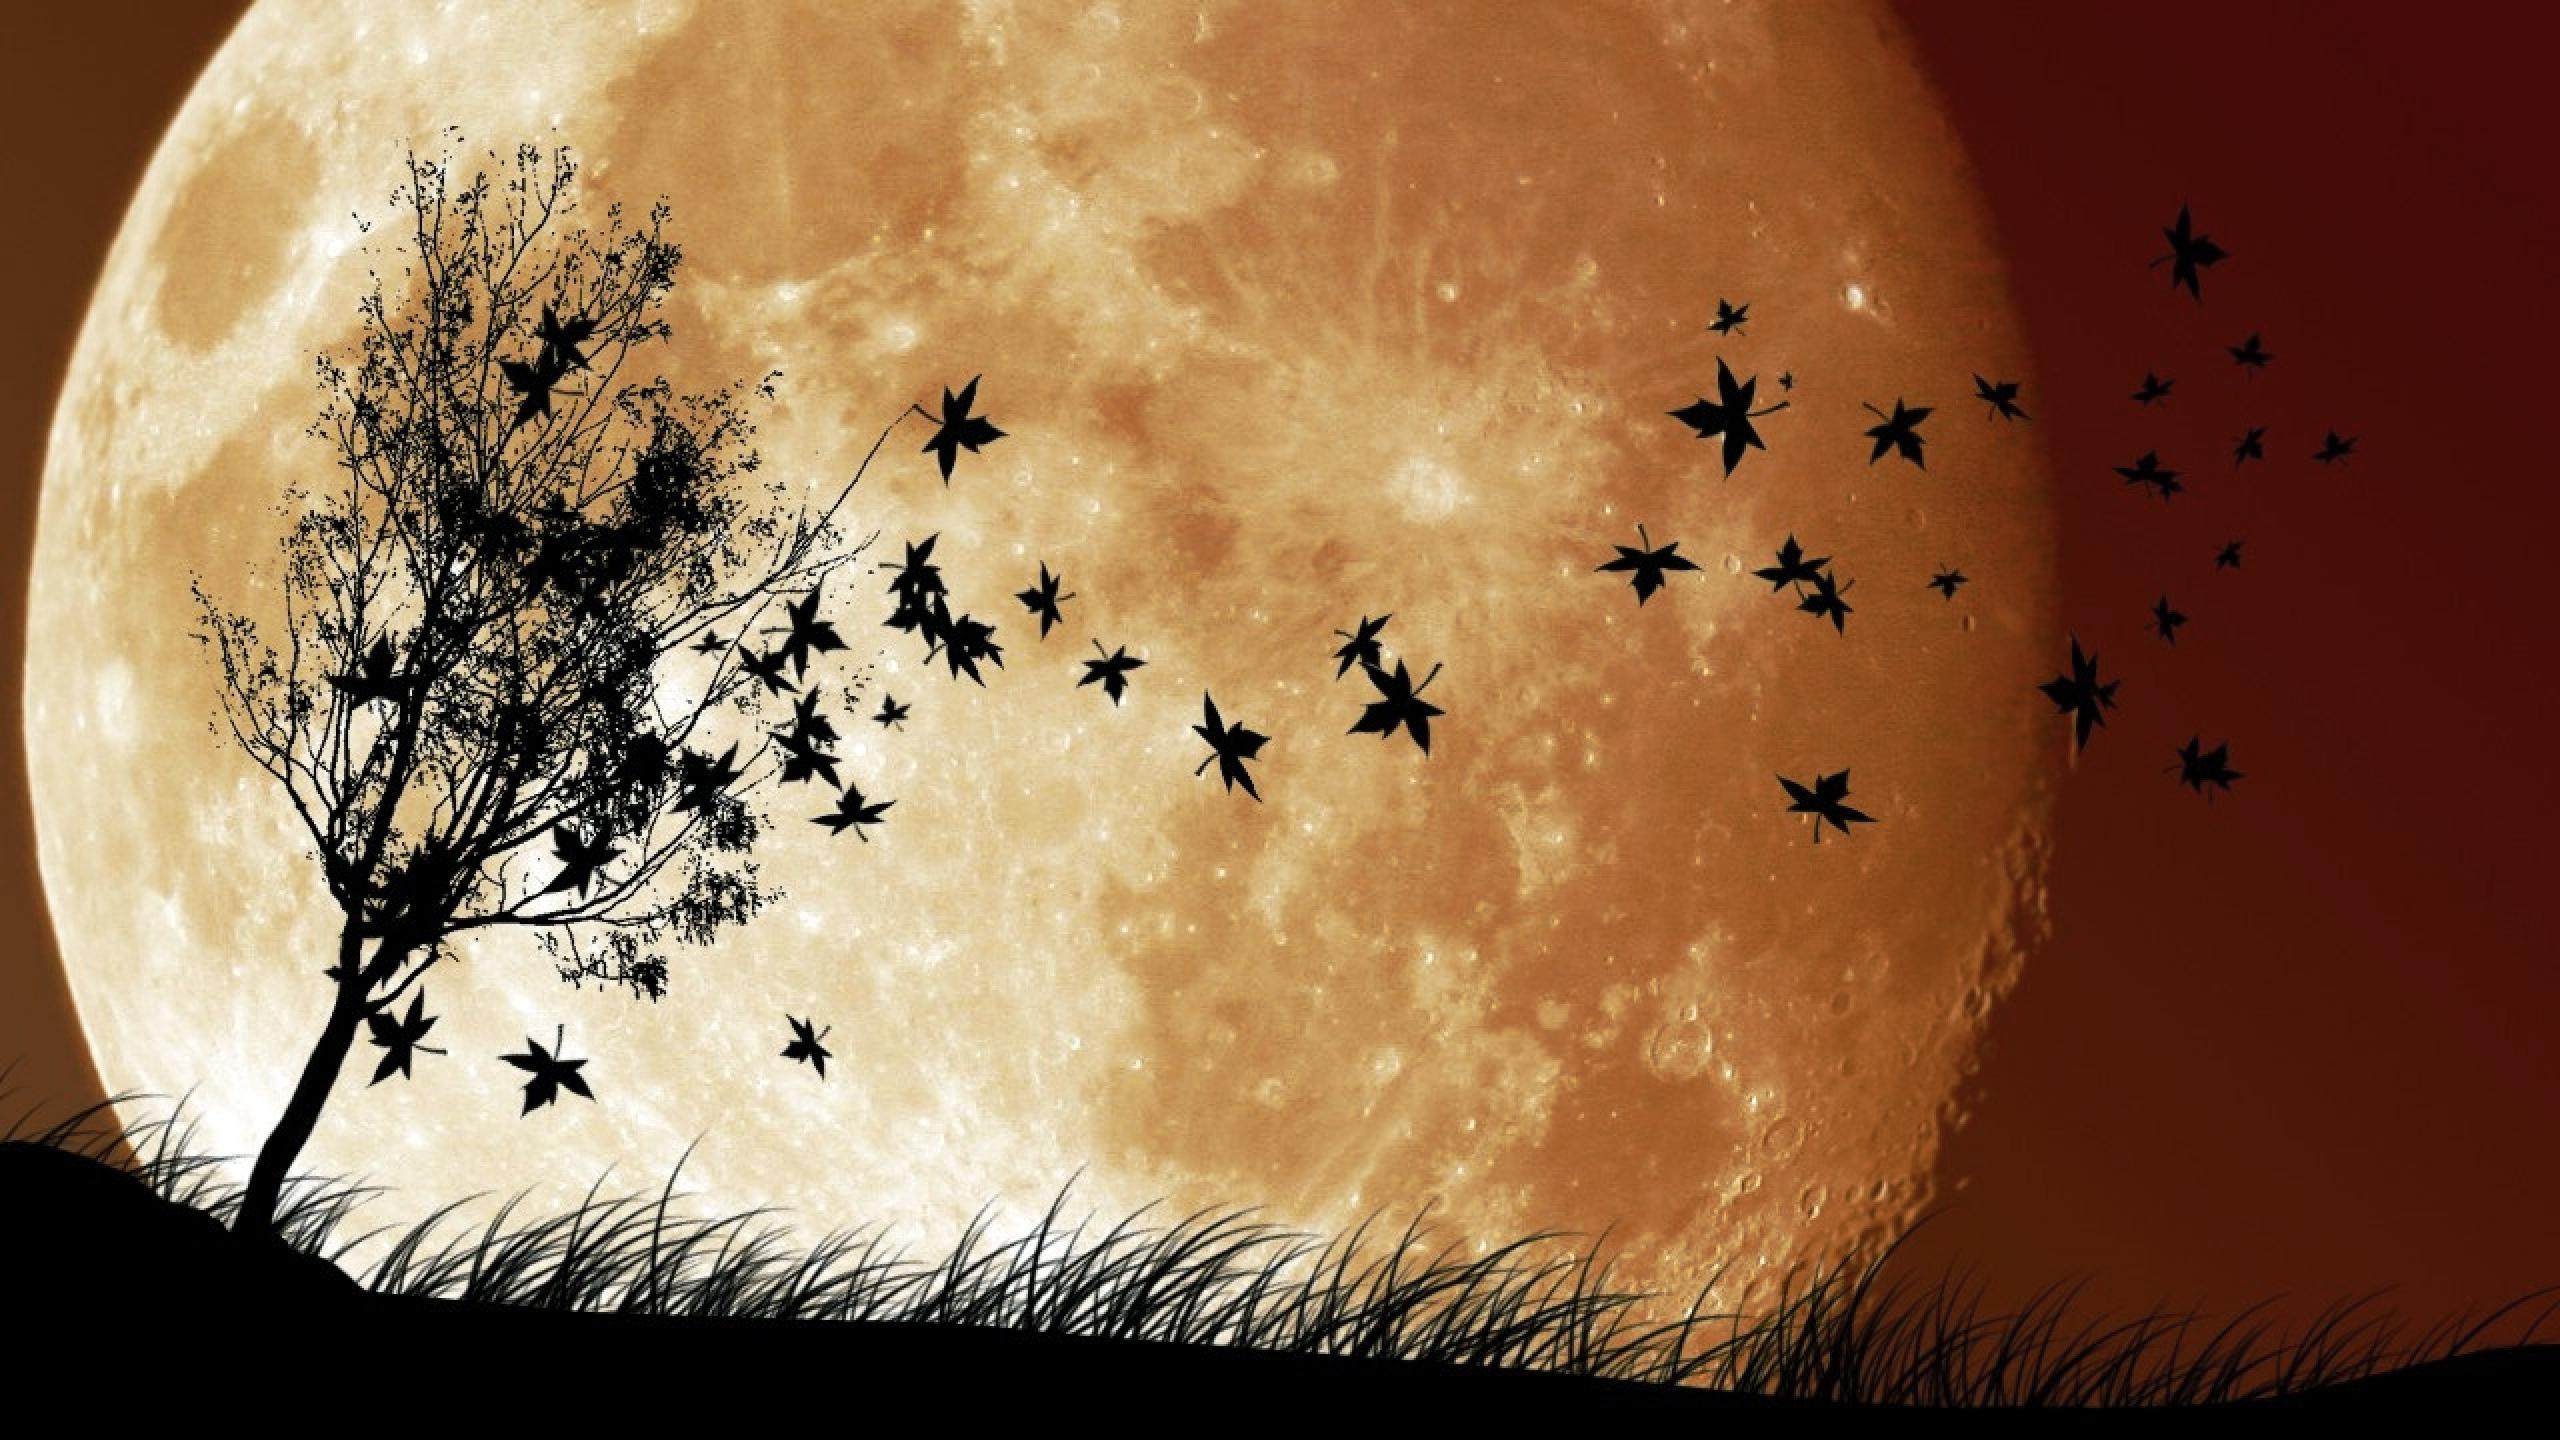 HDoboi.Kiev.ua - Большая луна обои на айфон 6, космос, галактика, hd заставки